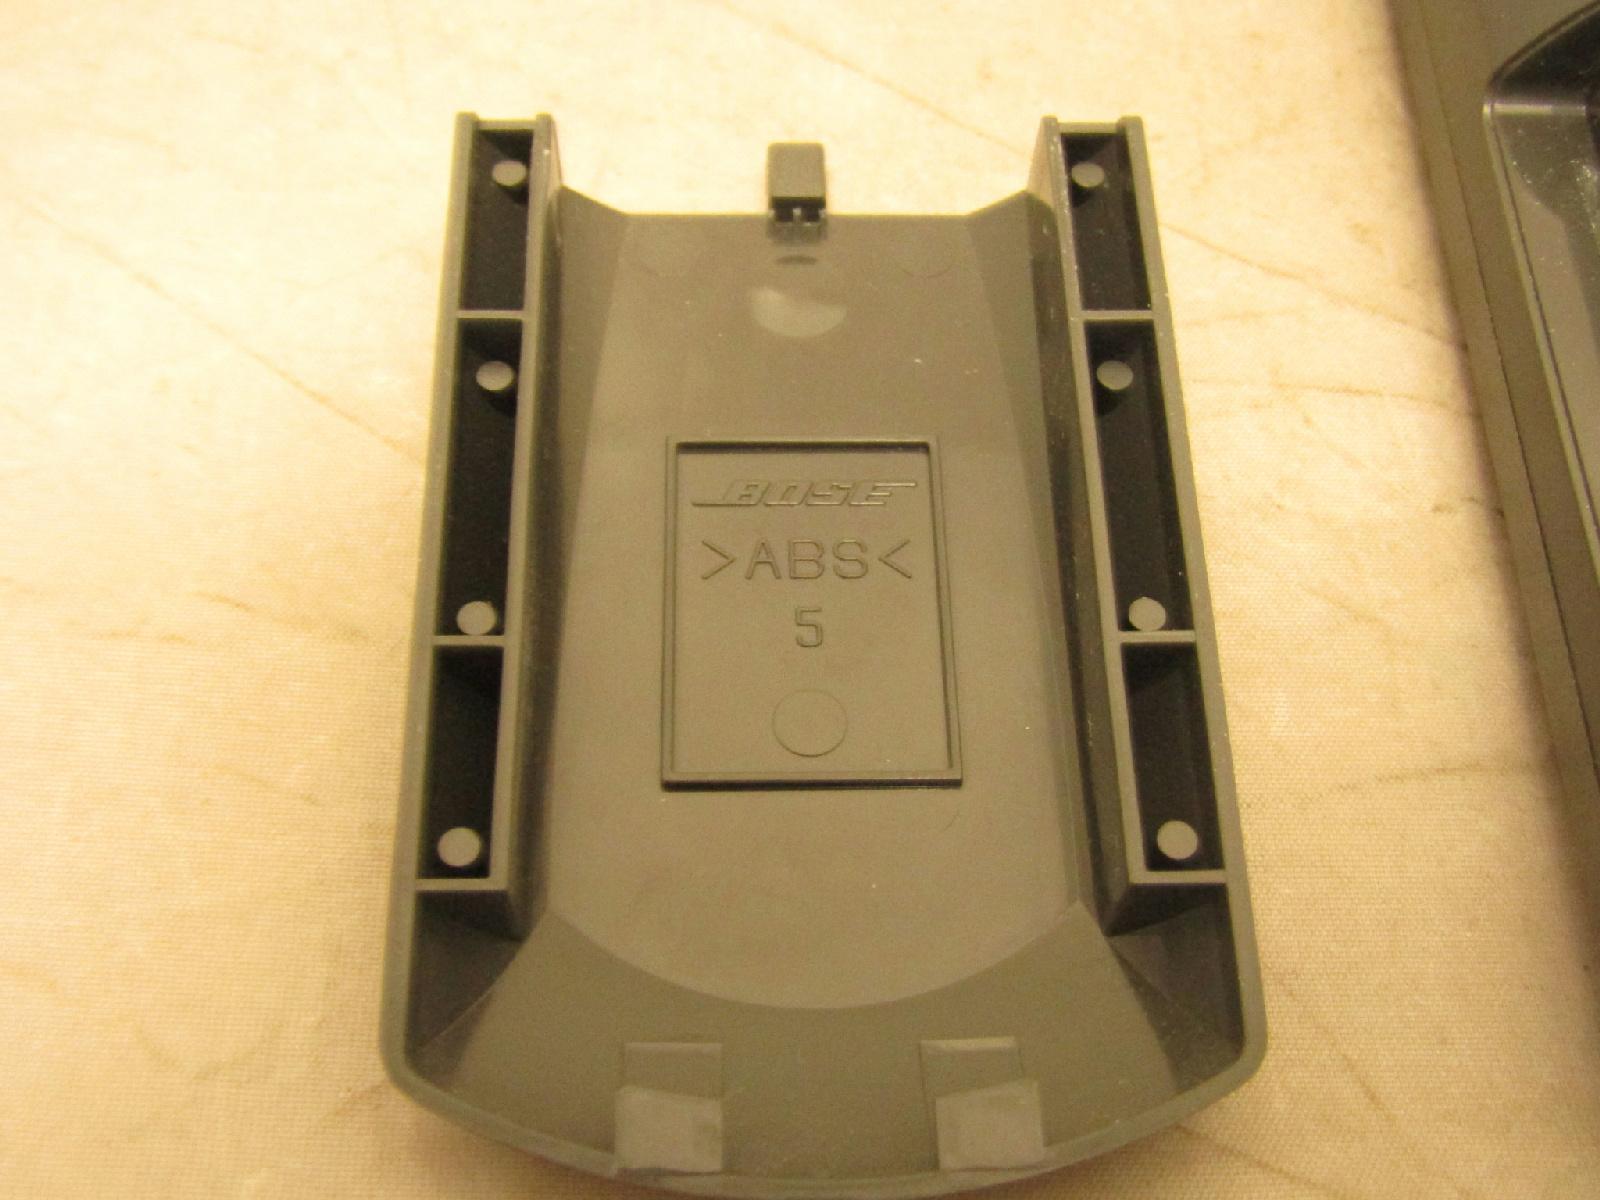 Bose solo cinemate universal remote manual